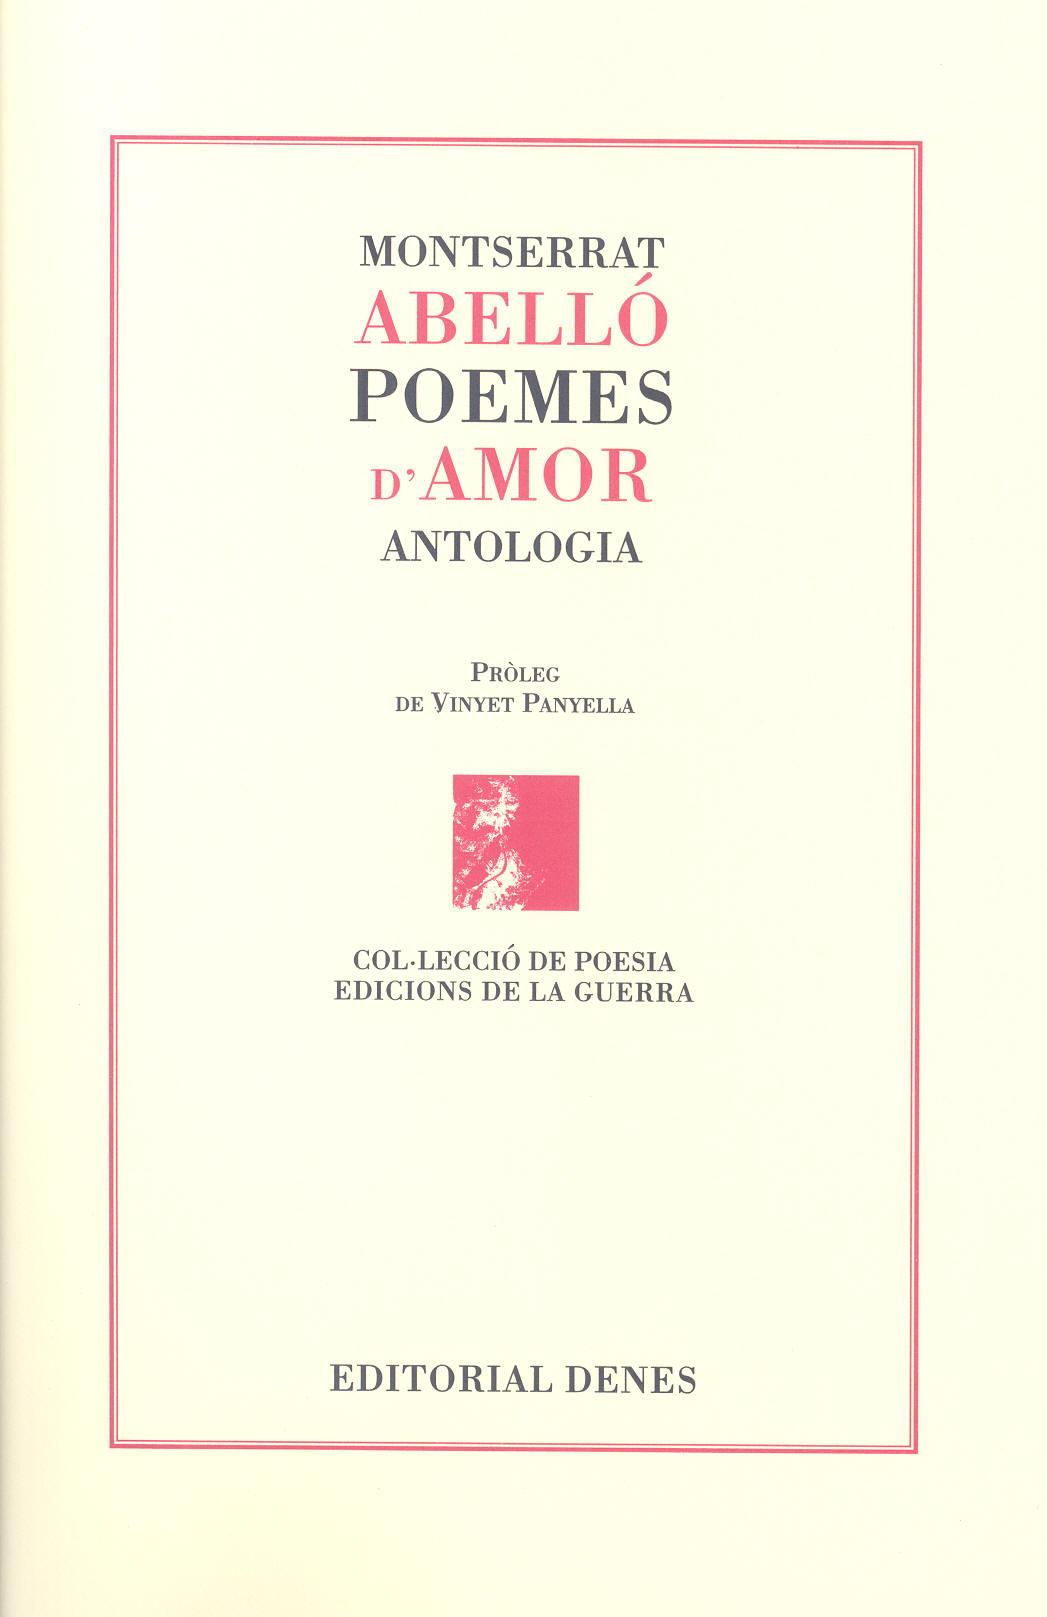 Abelló i Soler, Montserrat Poemes d'amor